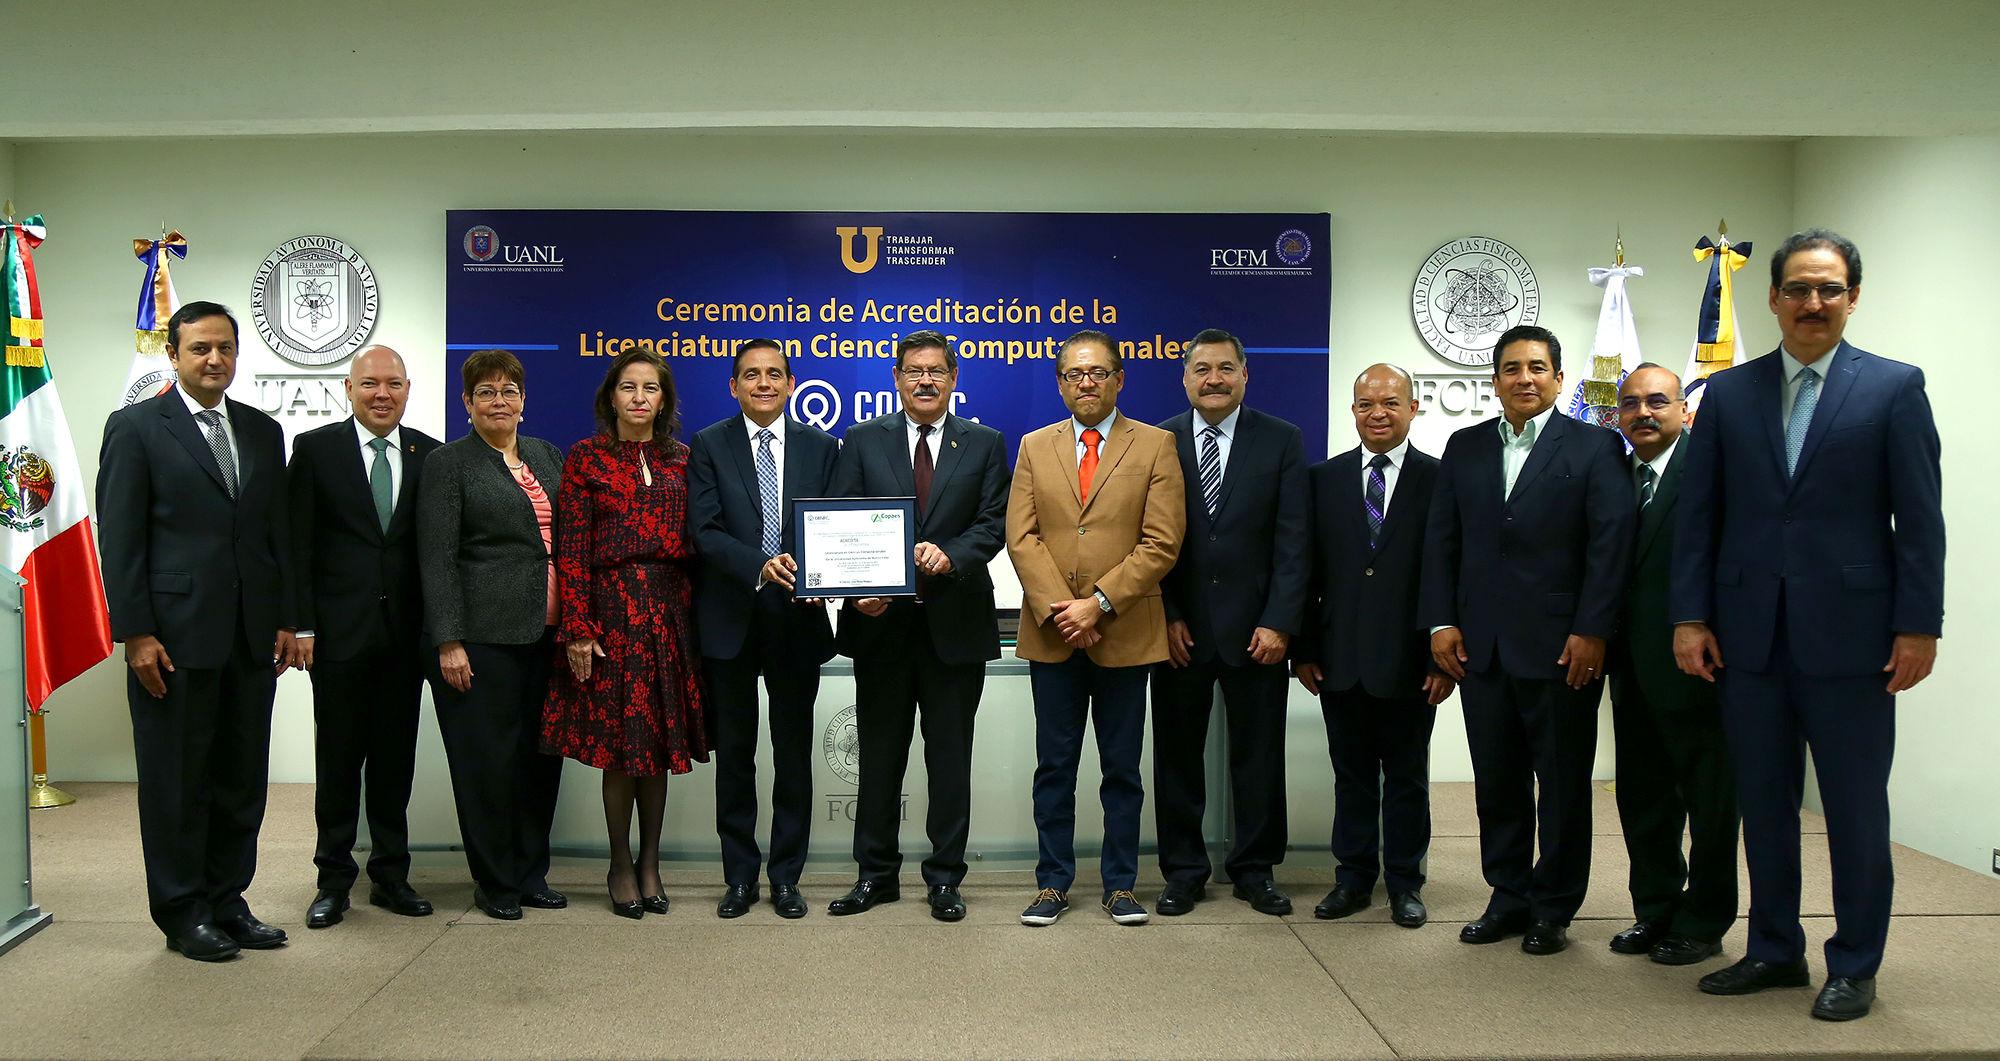 Comisión Académica del H. Consejo Universitario